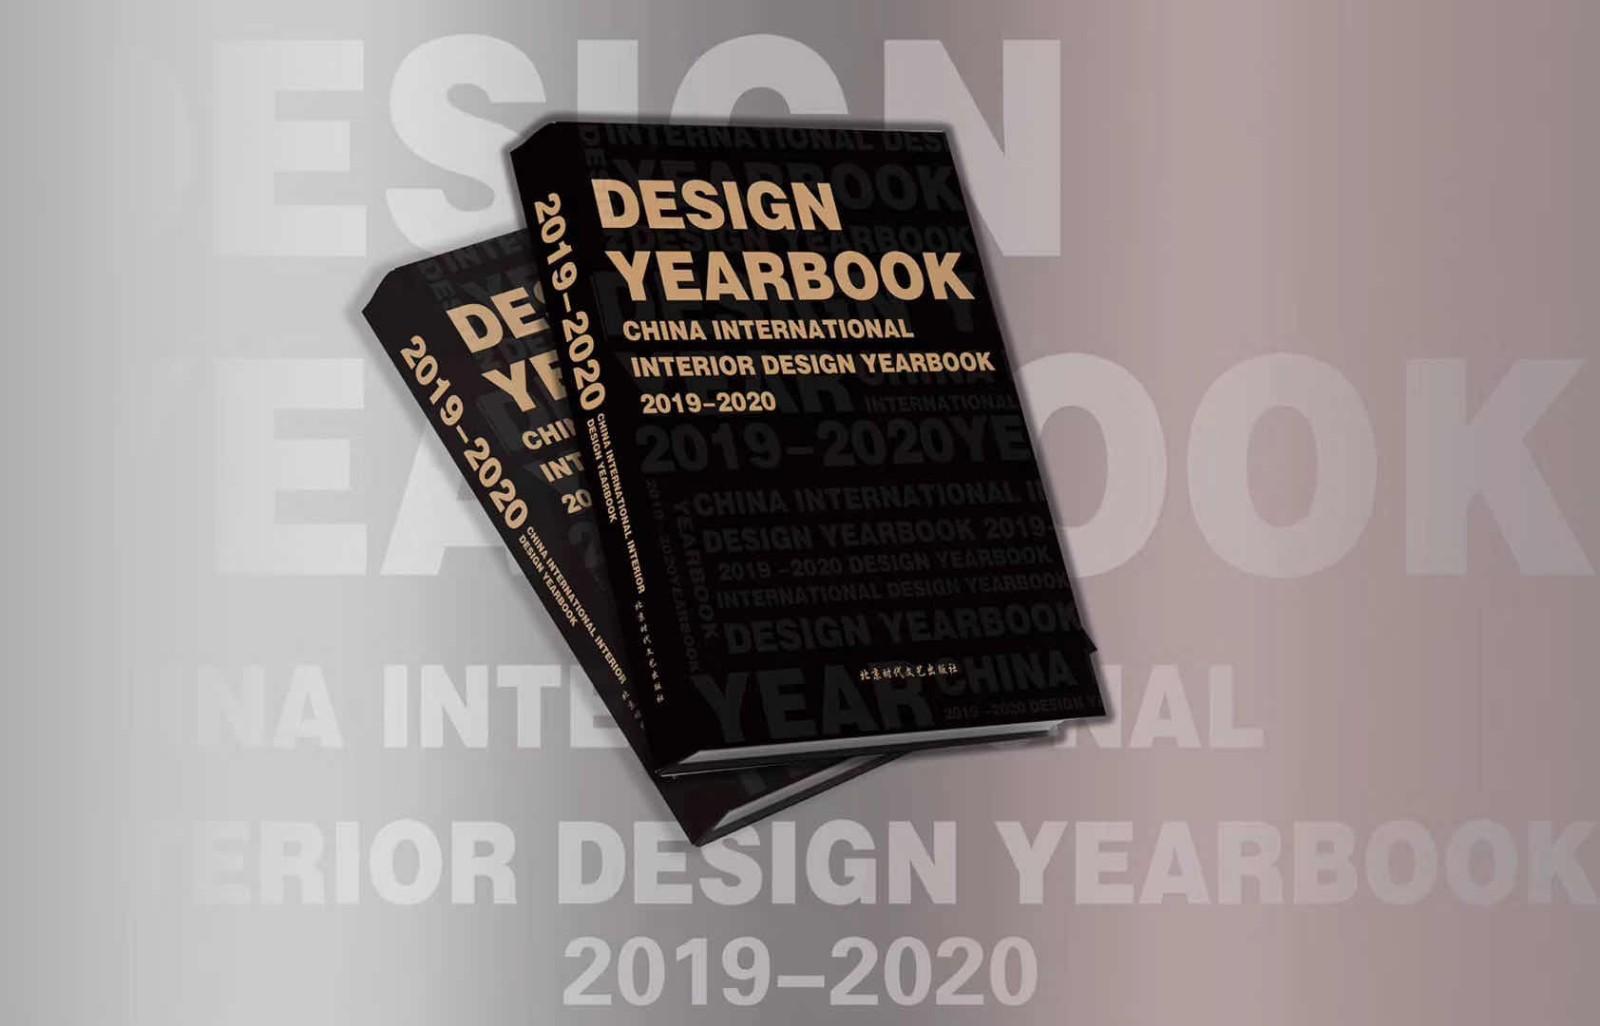 柒合奖讯 | 柒合设计《涞源白石山.华中小镇》项目入选2019-2020《中国国际室内设计年鉴》